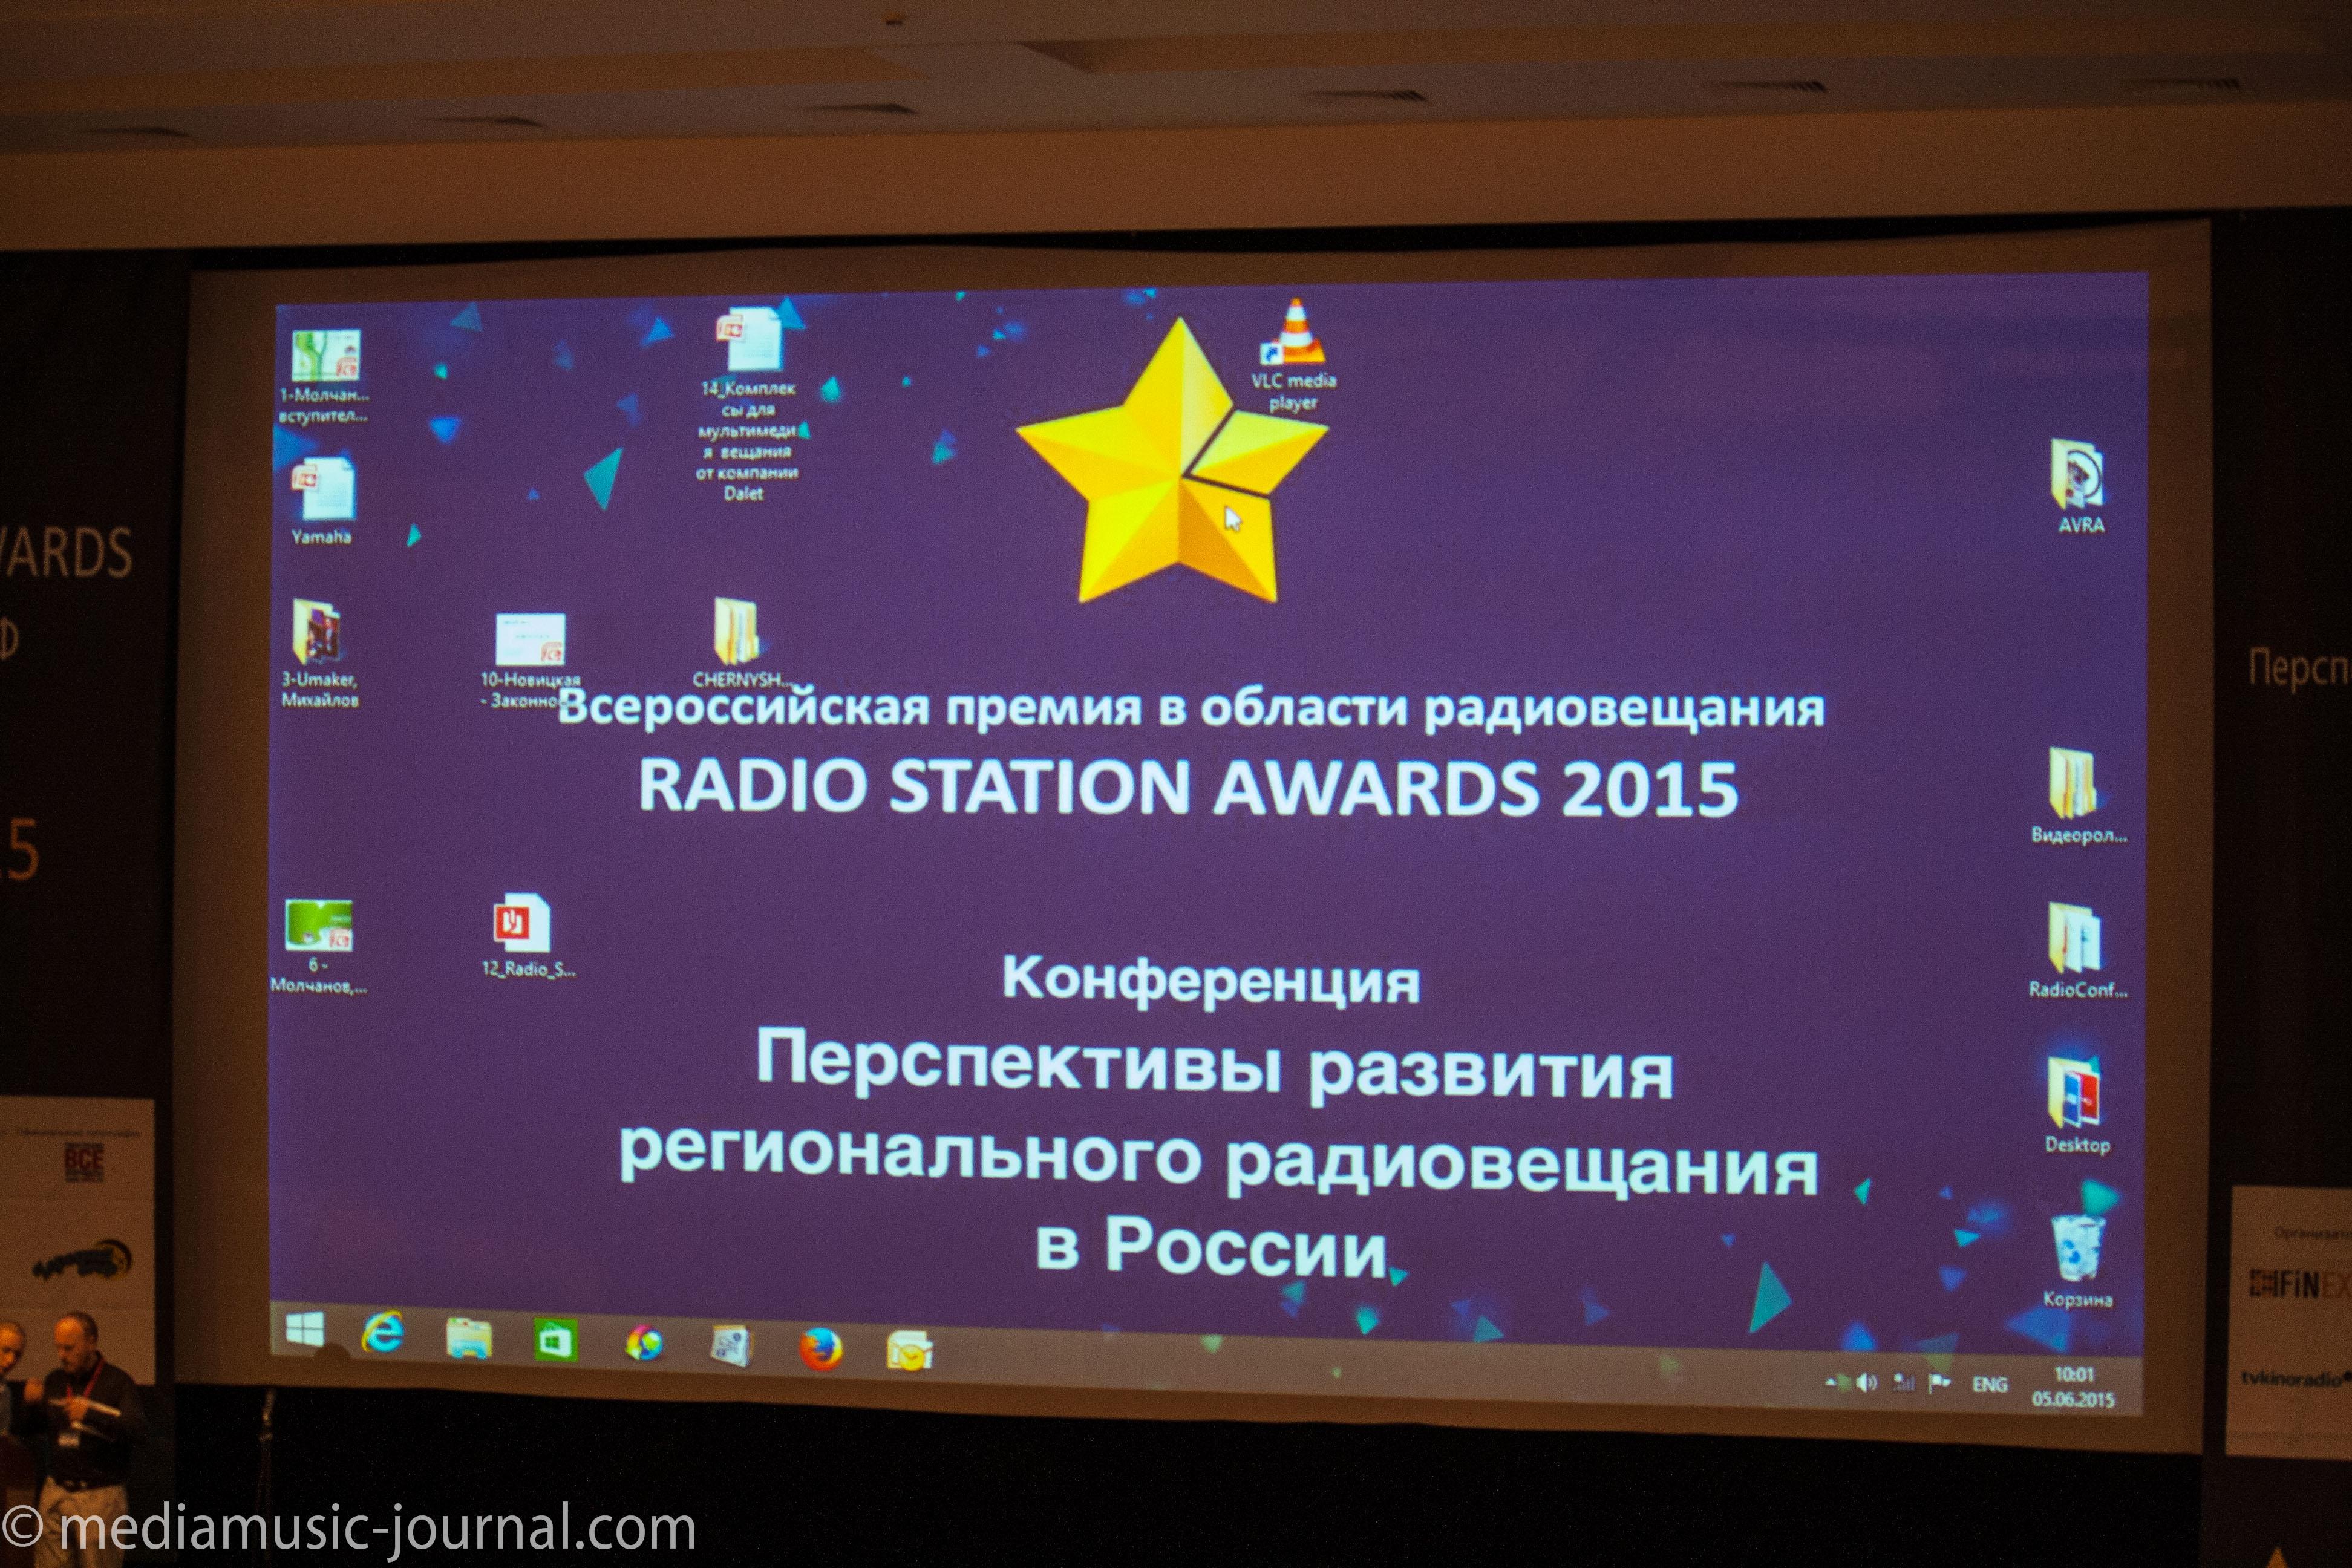 Перспективы развития регионального радиовещания в России